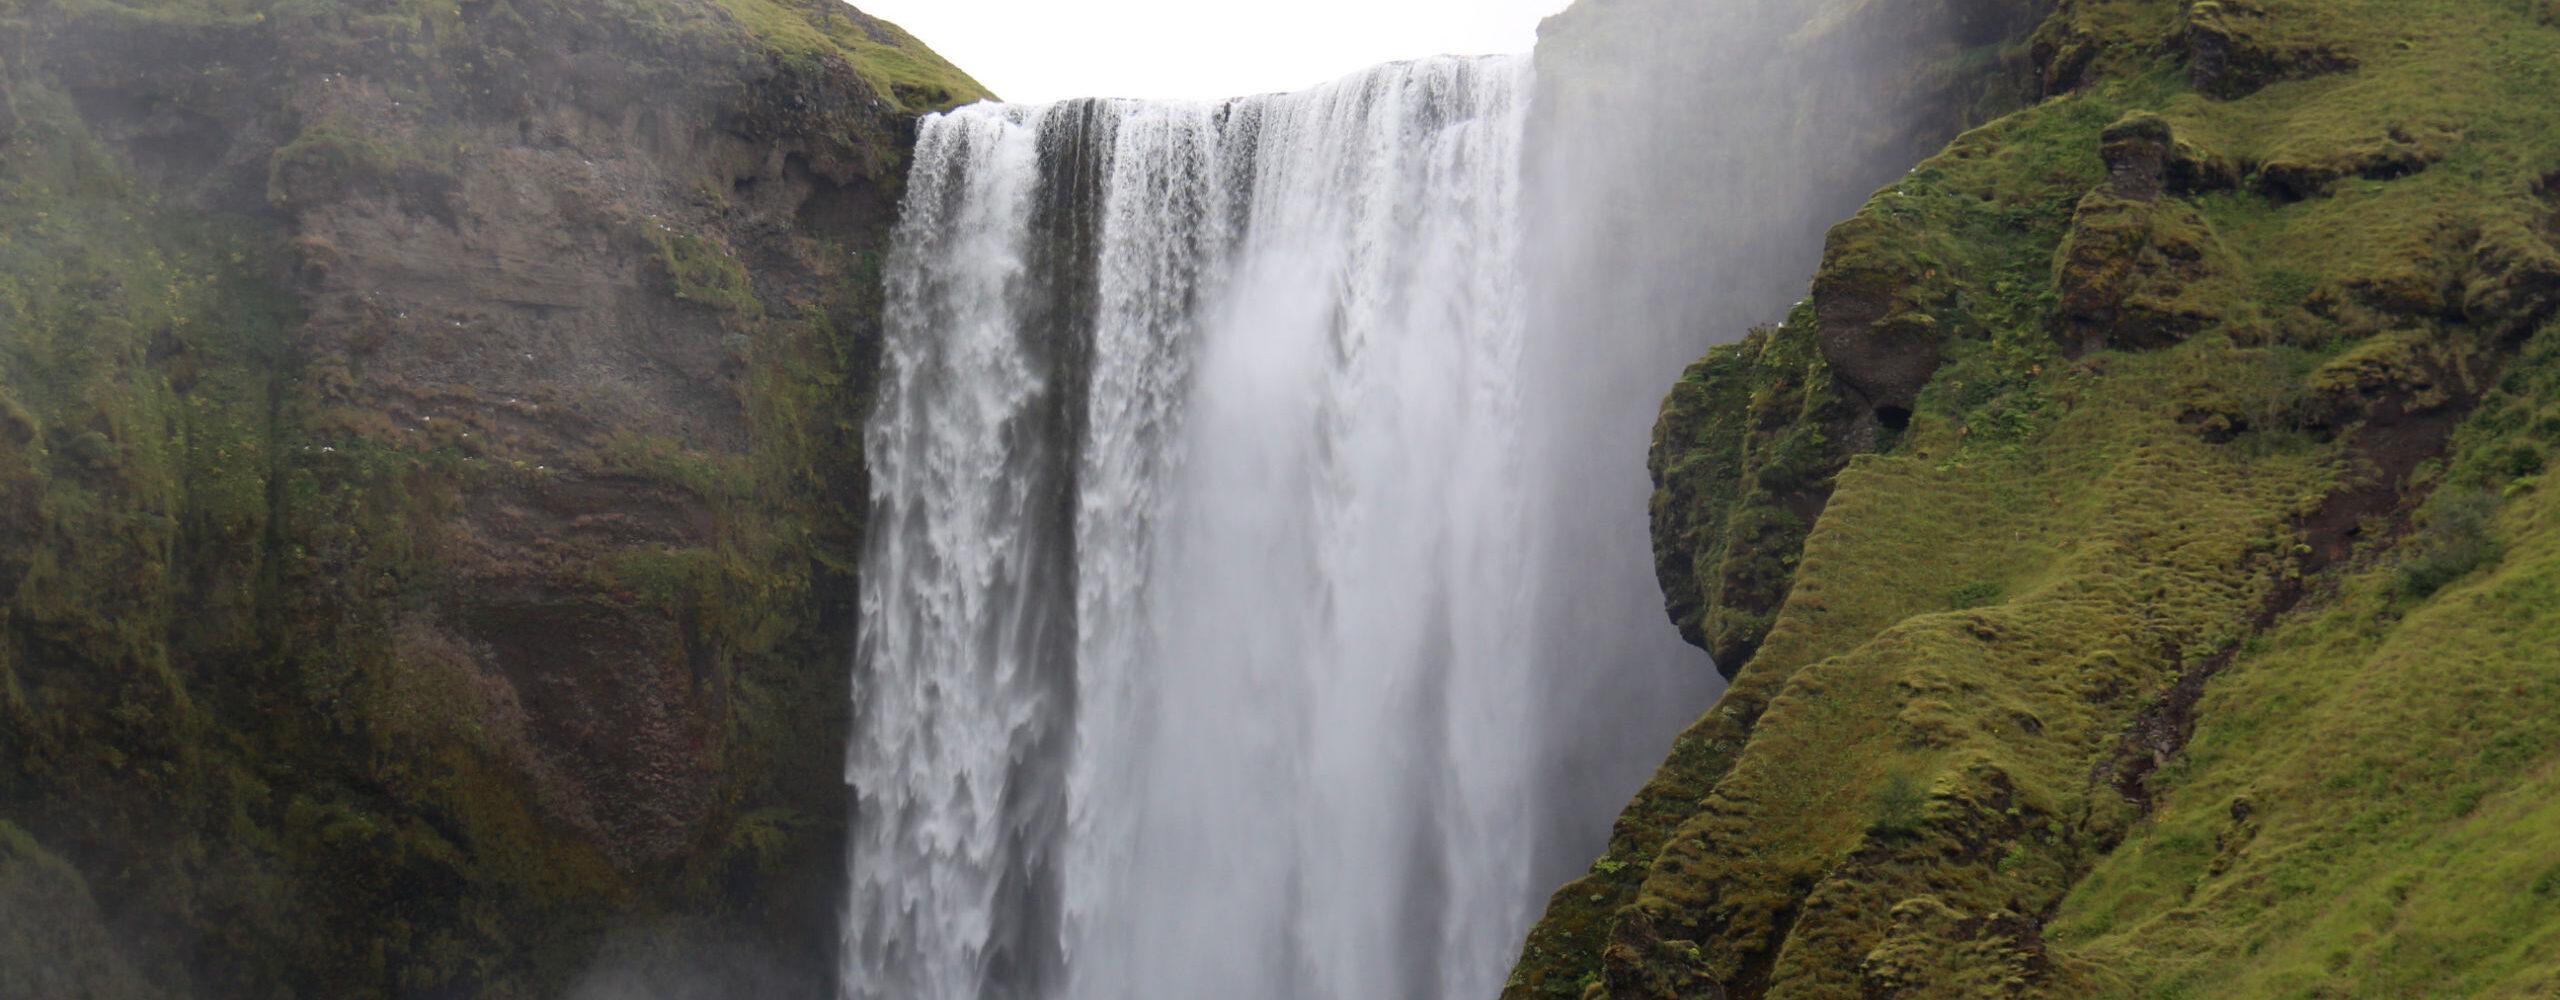 Водопады Скоугафосс иСельяландсфосс.